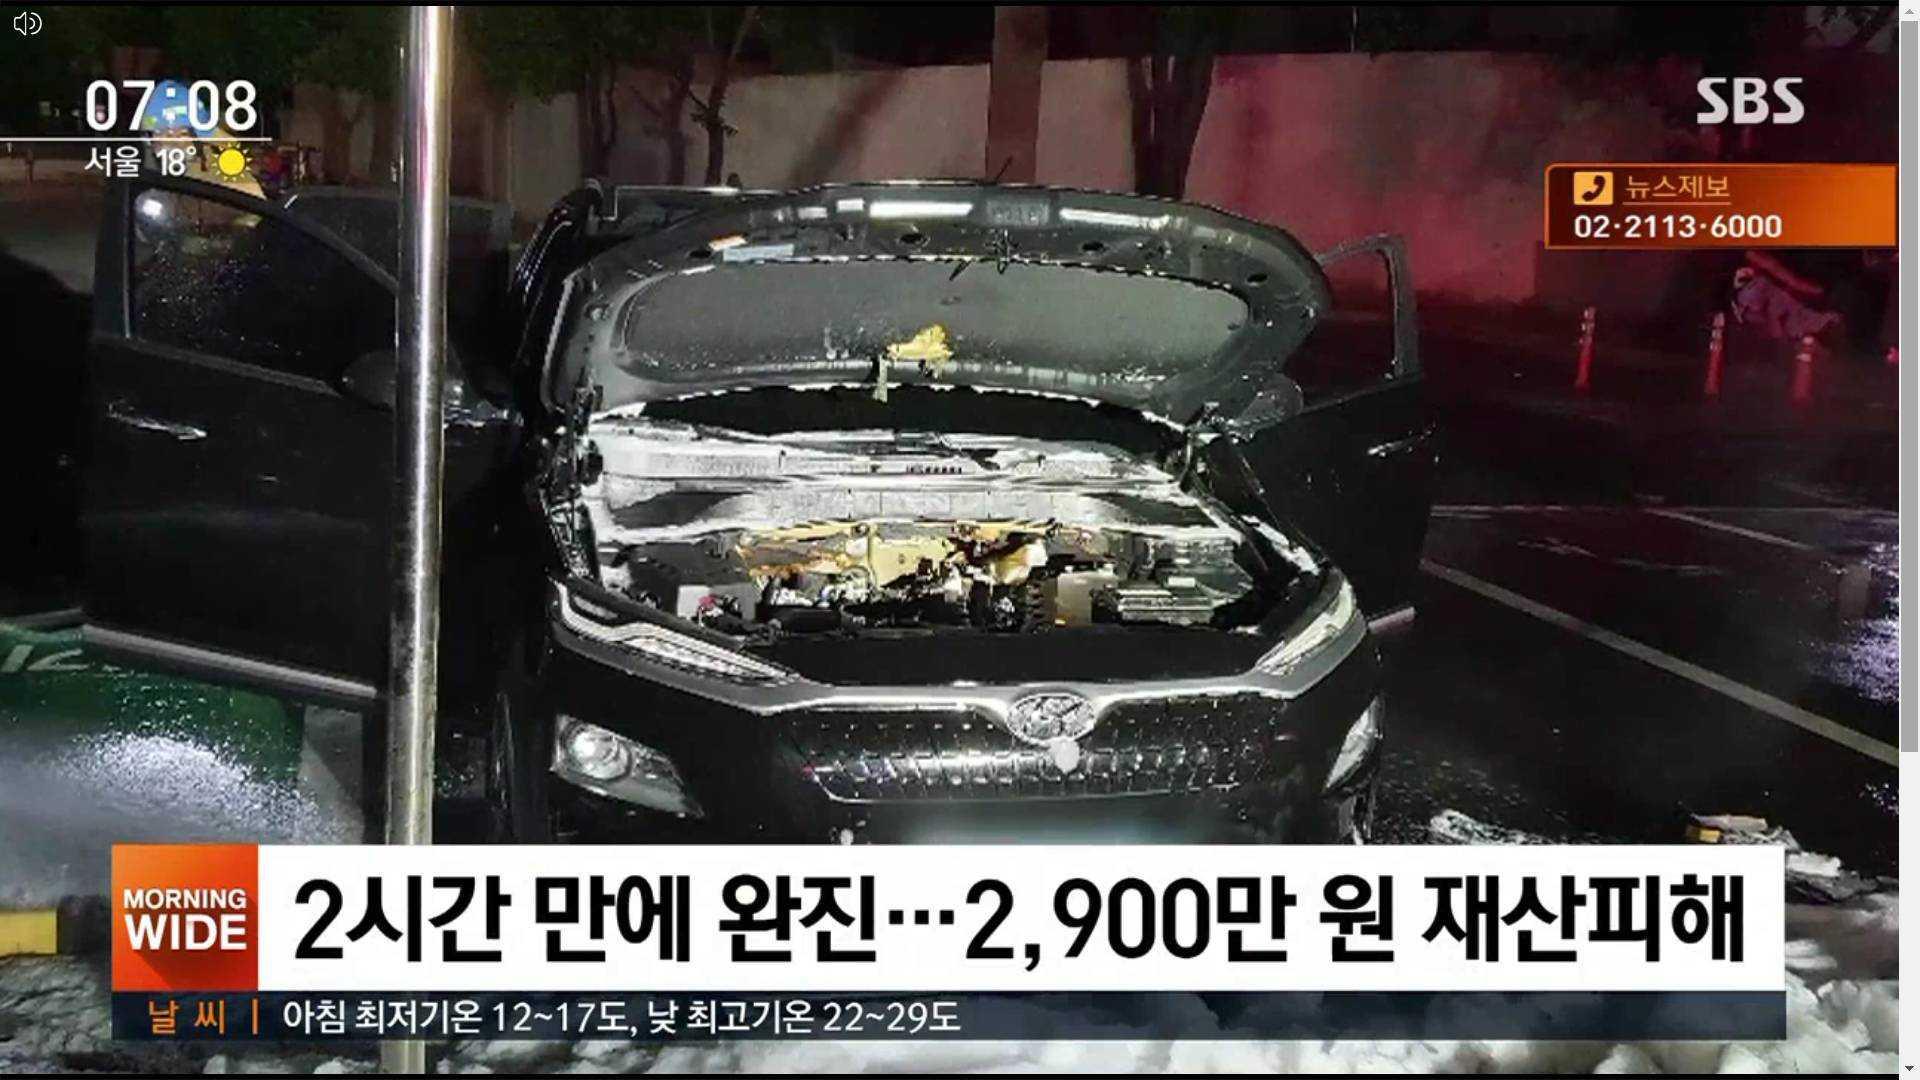 Đã được triệu hồi để sửa lỗi, xe Hyundai Kona EV vẫn cháy khi đang sạc - 1